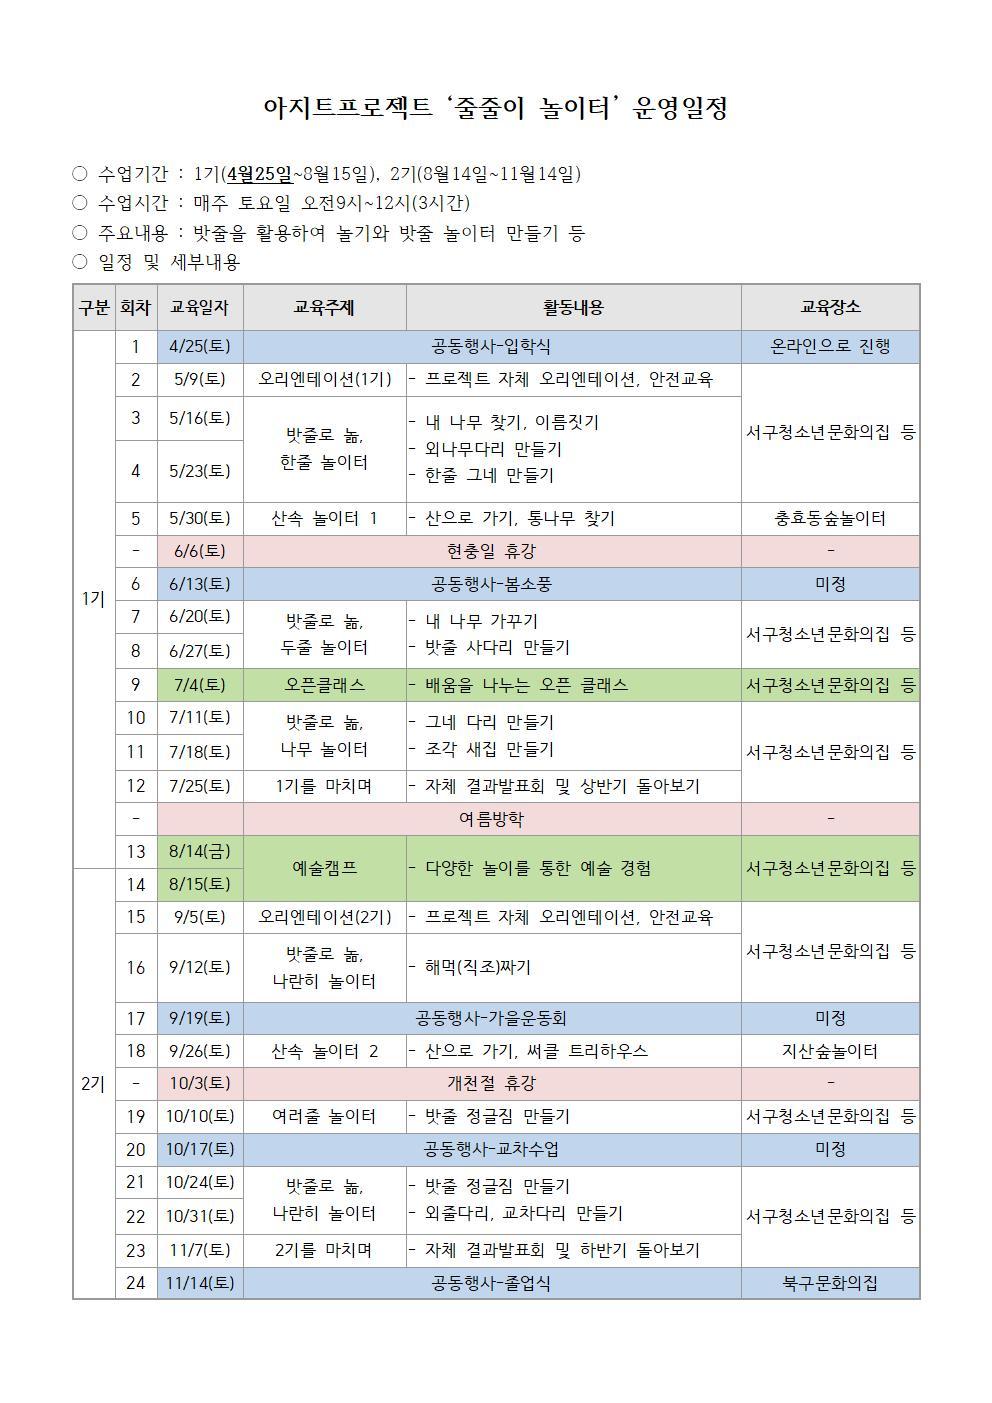 2020_창의예술_시소마을디자인학교_운영일정_아지트프로젝트 줄줄이놀이터.jpg